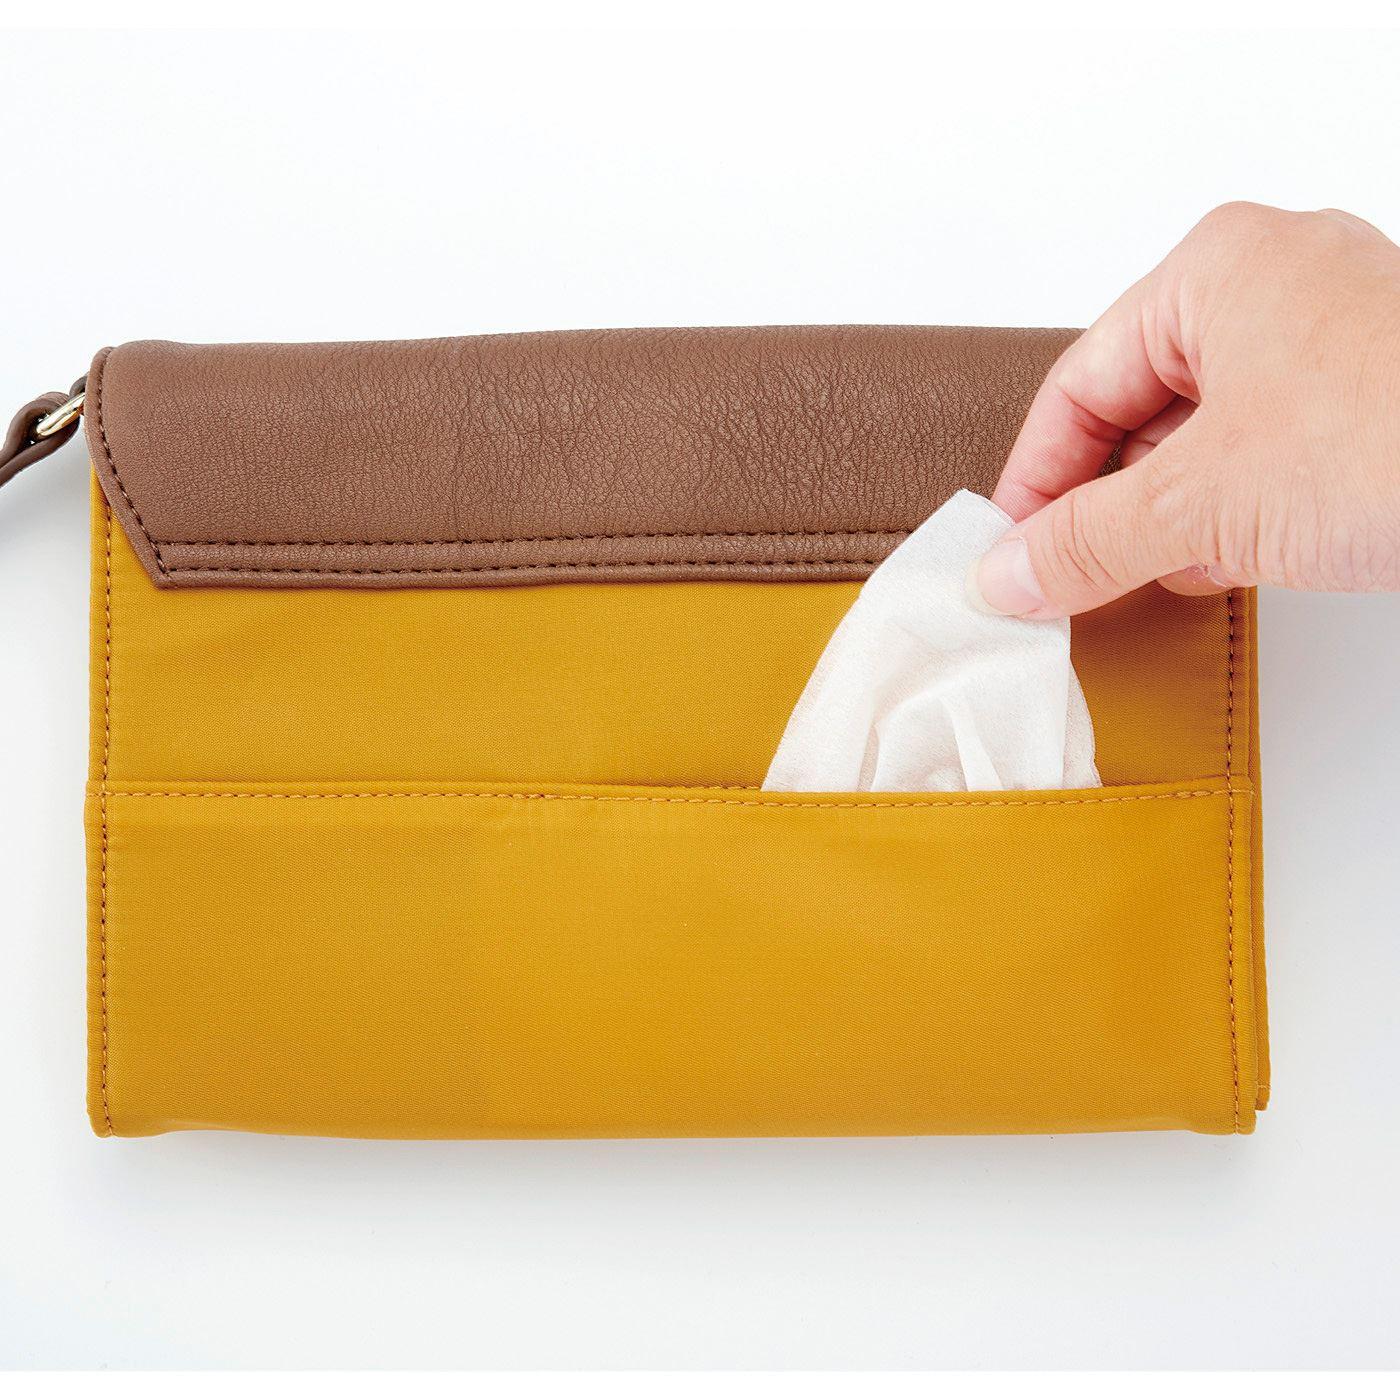 ふたを開けずに、内側のポケットに入れたティッシュを外側から直接取り出せます。